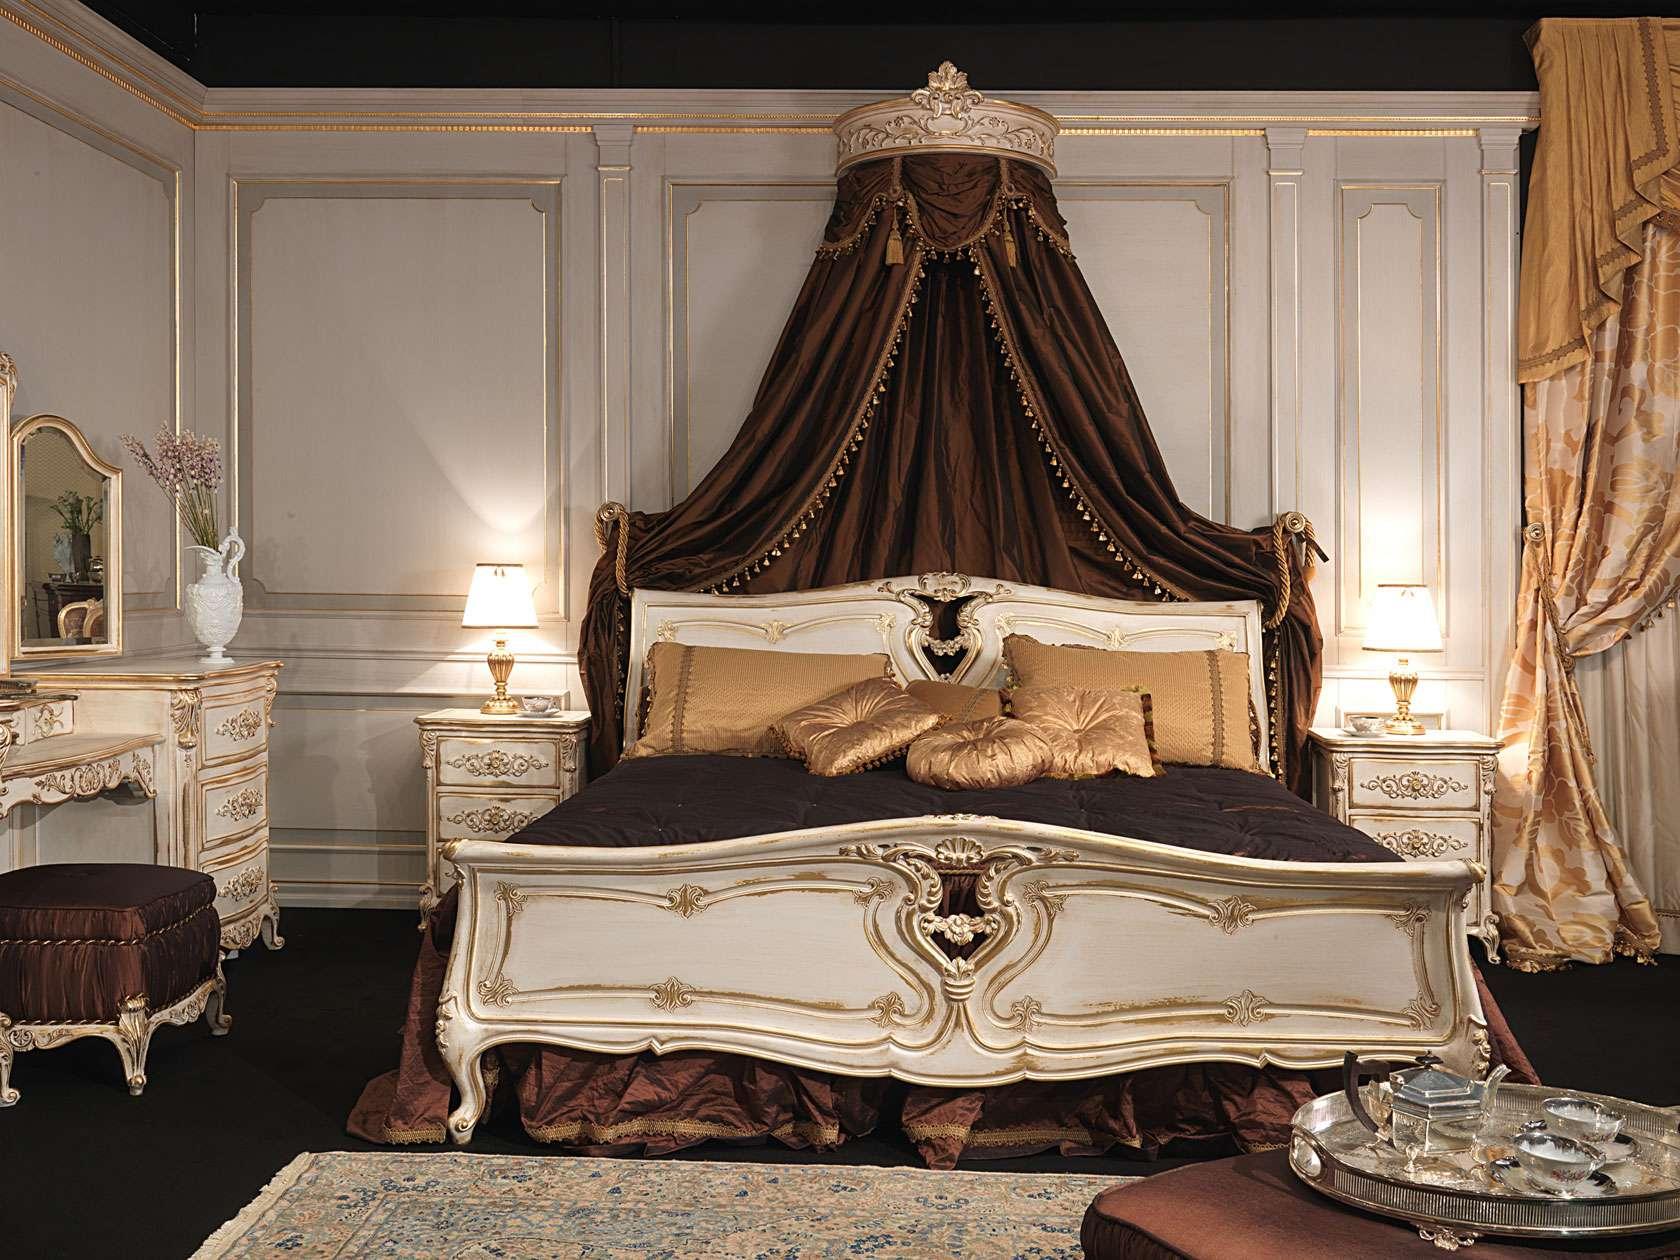 Camera da letto in stile Luigi XVI, letto in legno intagliato con ...